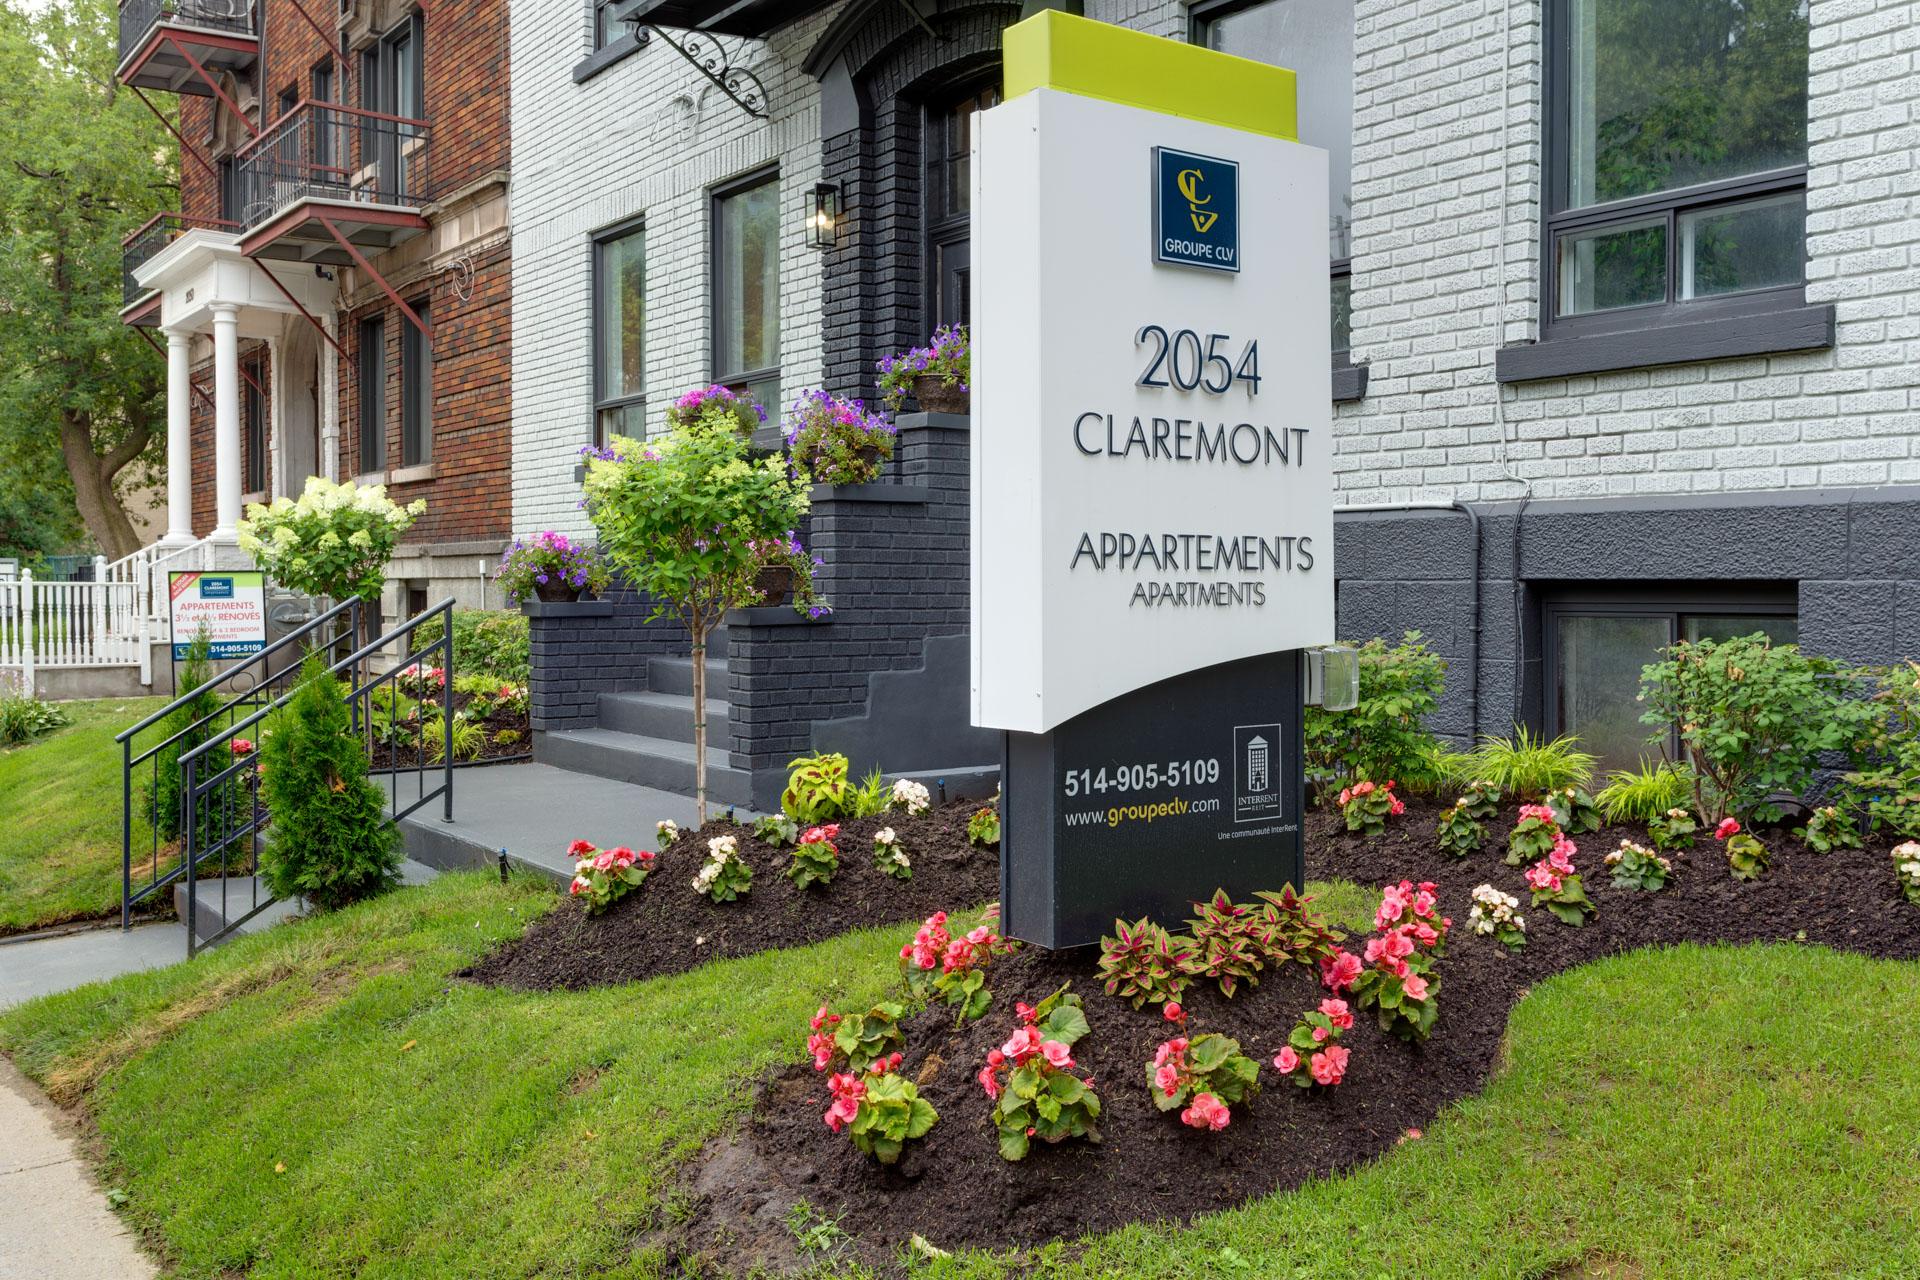 2054 Claremont